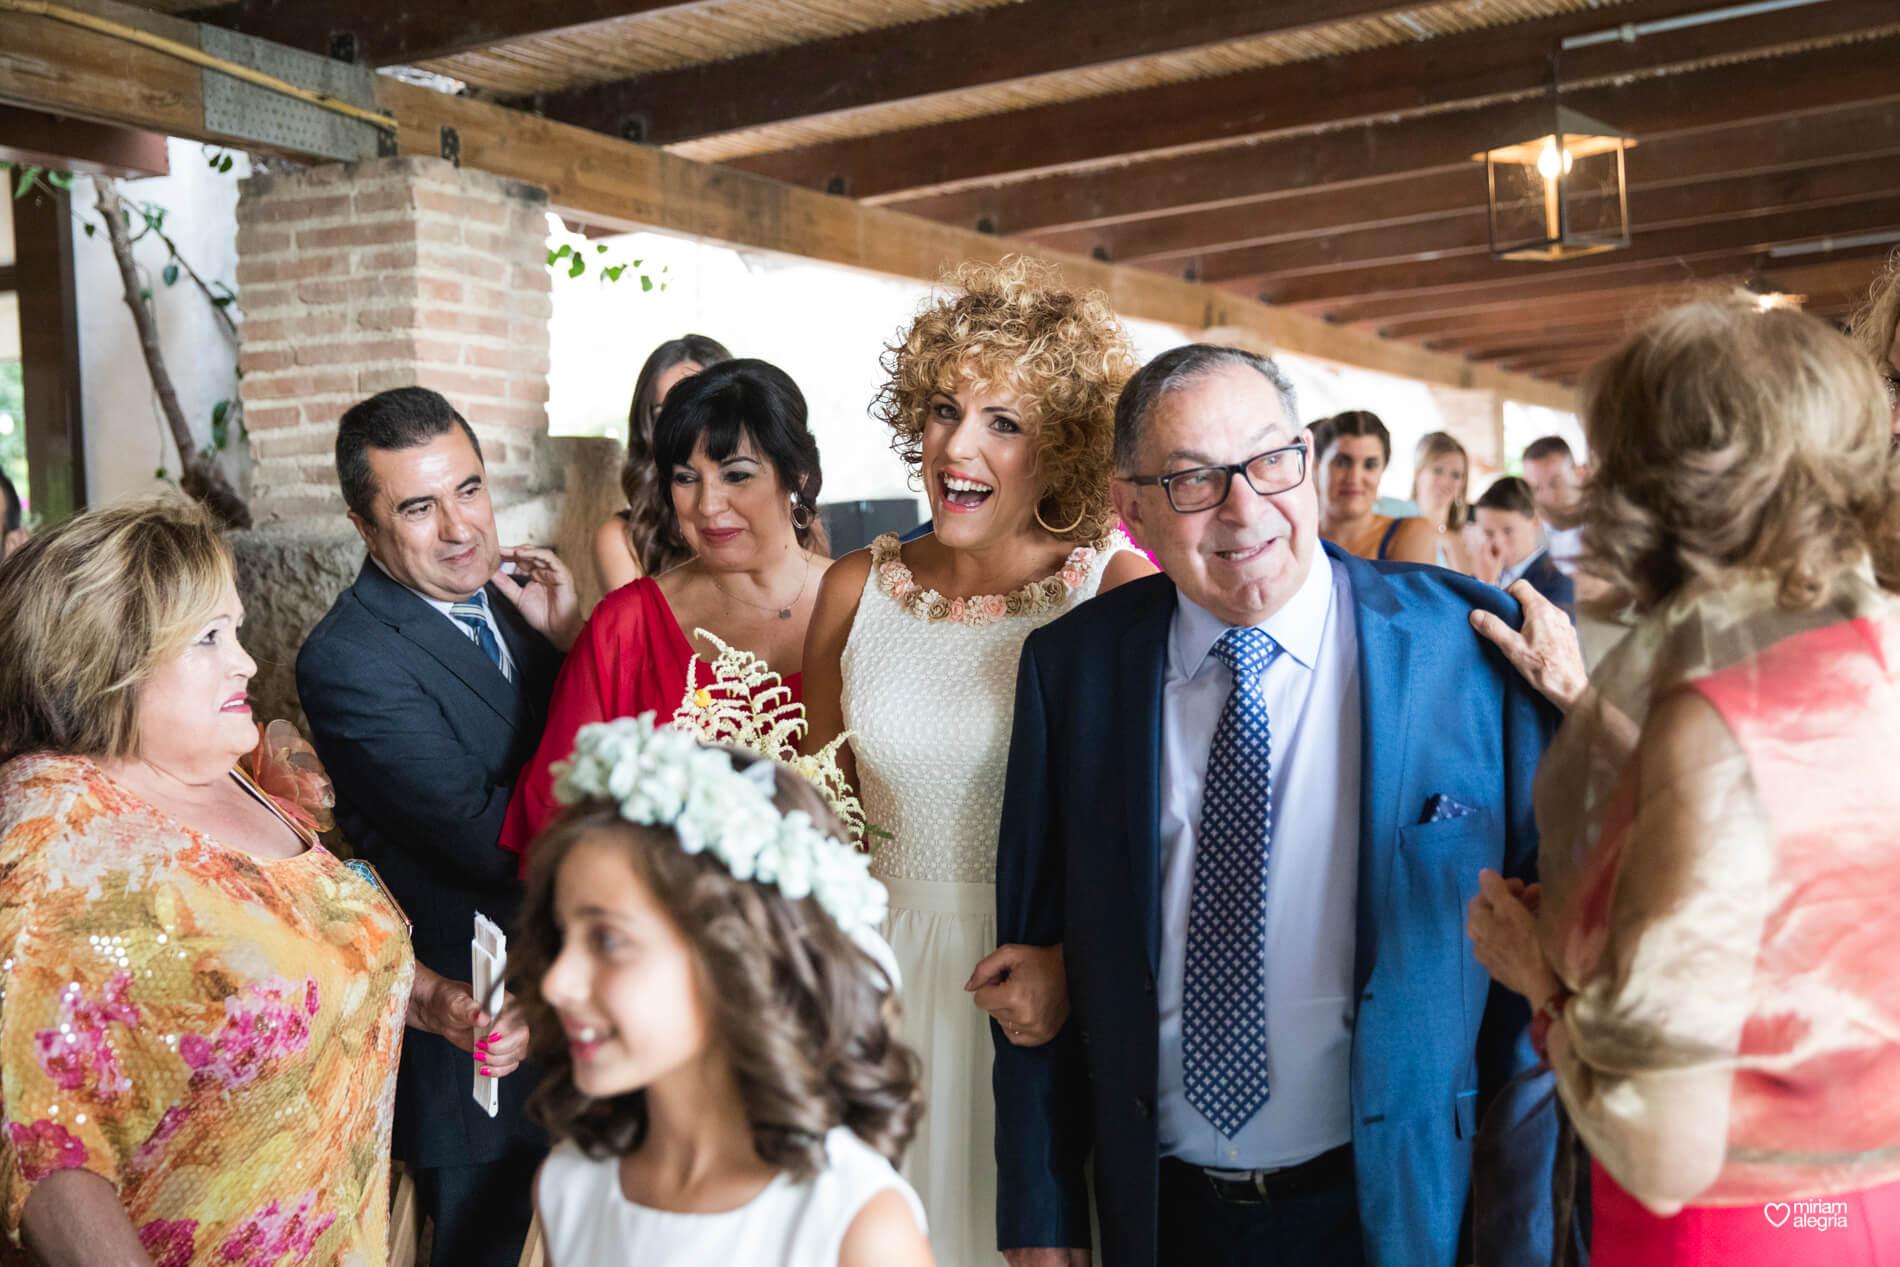 boda-en-finca-la-carrasca-miriam-alegria-45